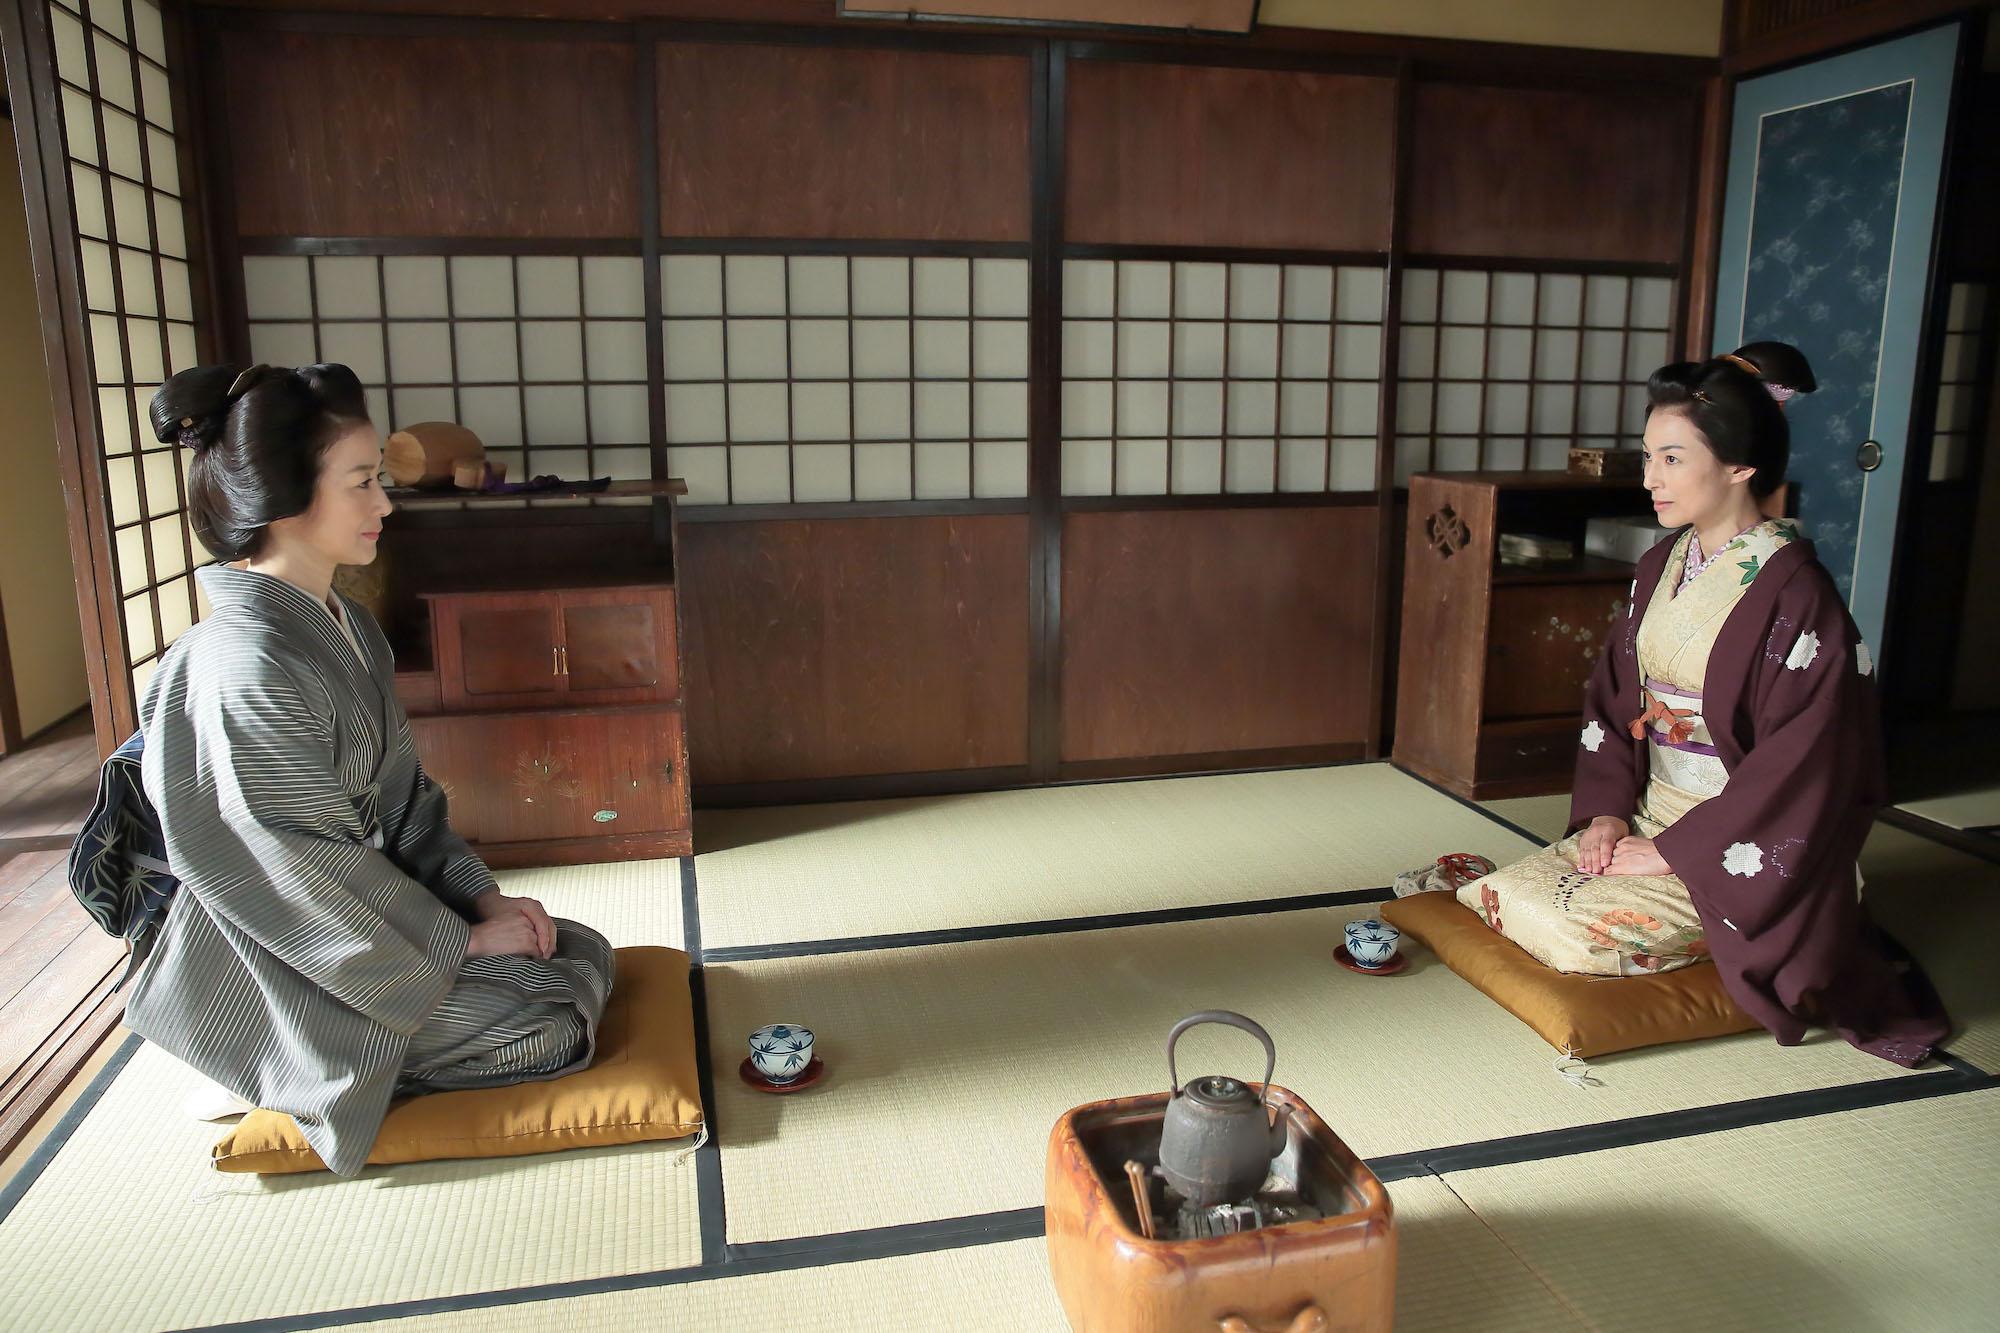 """NHK連続テレビ小説「わろてんか」鈴木保奈美・鈴木京香の母親""""鈴木""""対決に絶賛の声「かっこよかった…」「ゾクゾクしました」"""